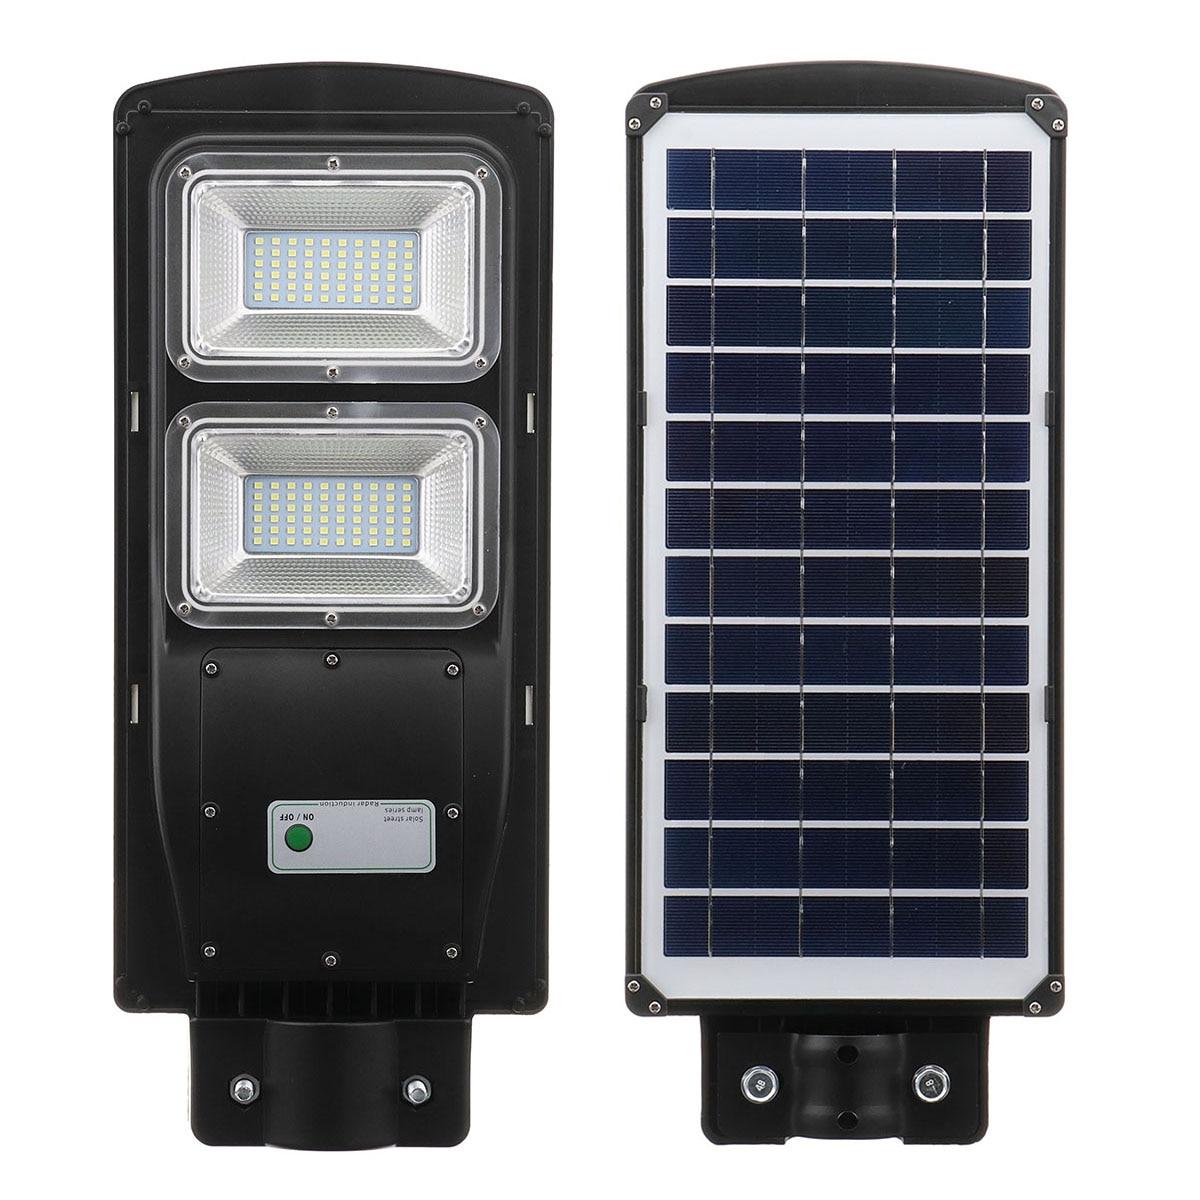 60 واط LED IP67 الشمسية ضوء الشارع الرادار مع PIR محس حركة الإضاءة في الهواء الطلق مصابيح الحائط مصابيح حديقة المناظر الطبيعية الشمسية